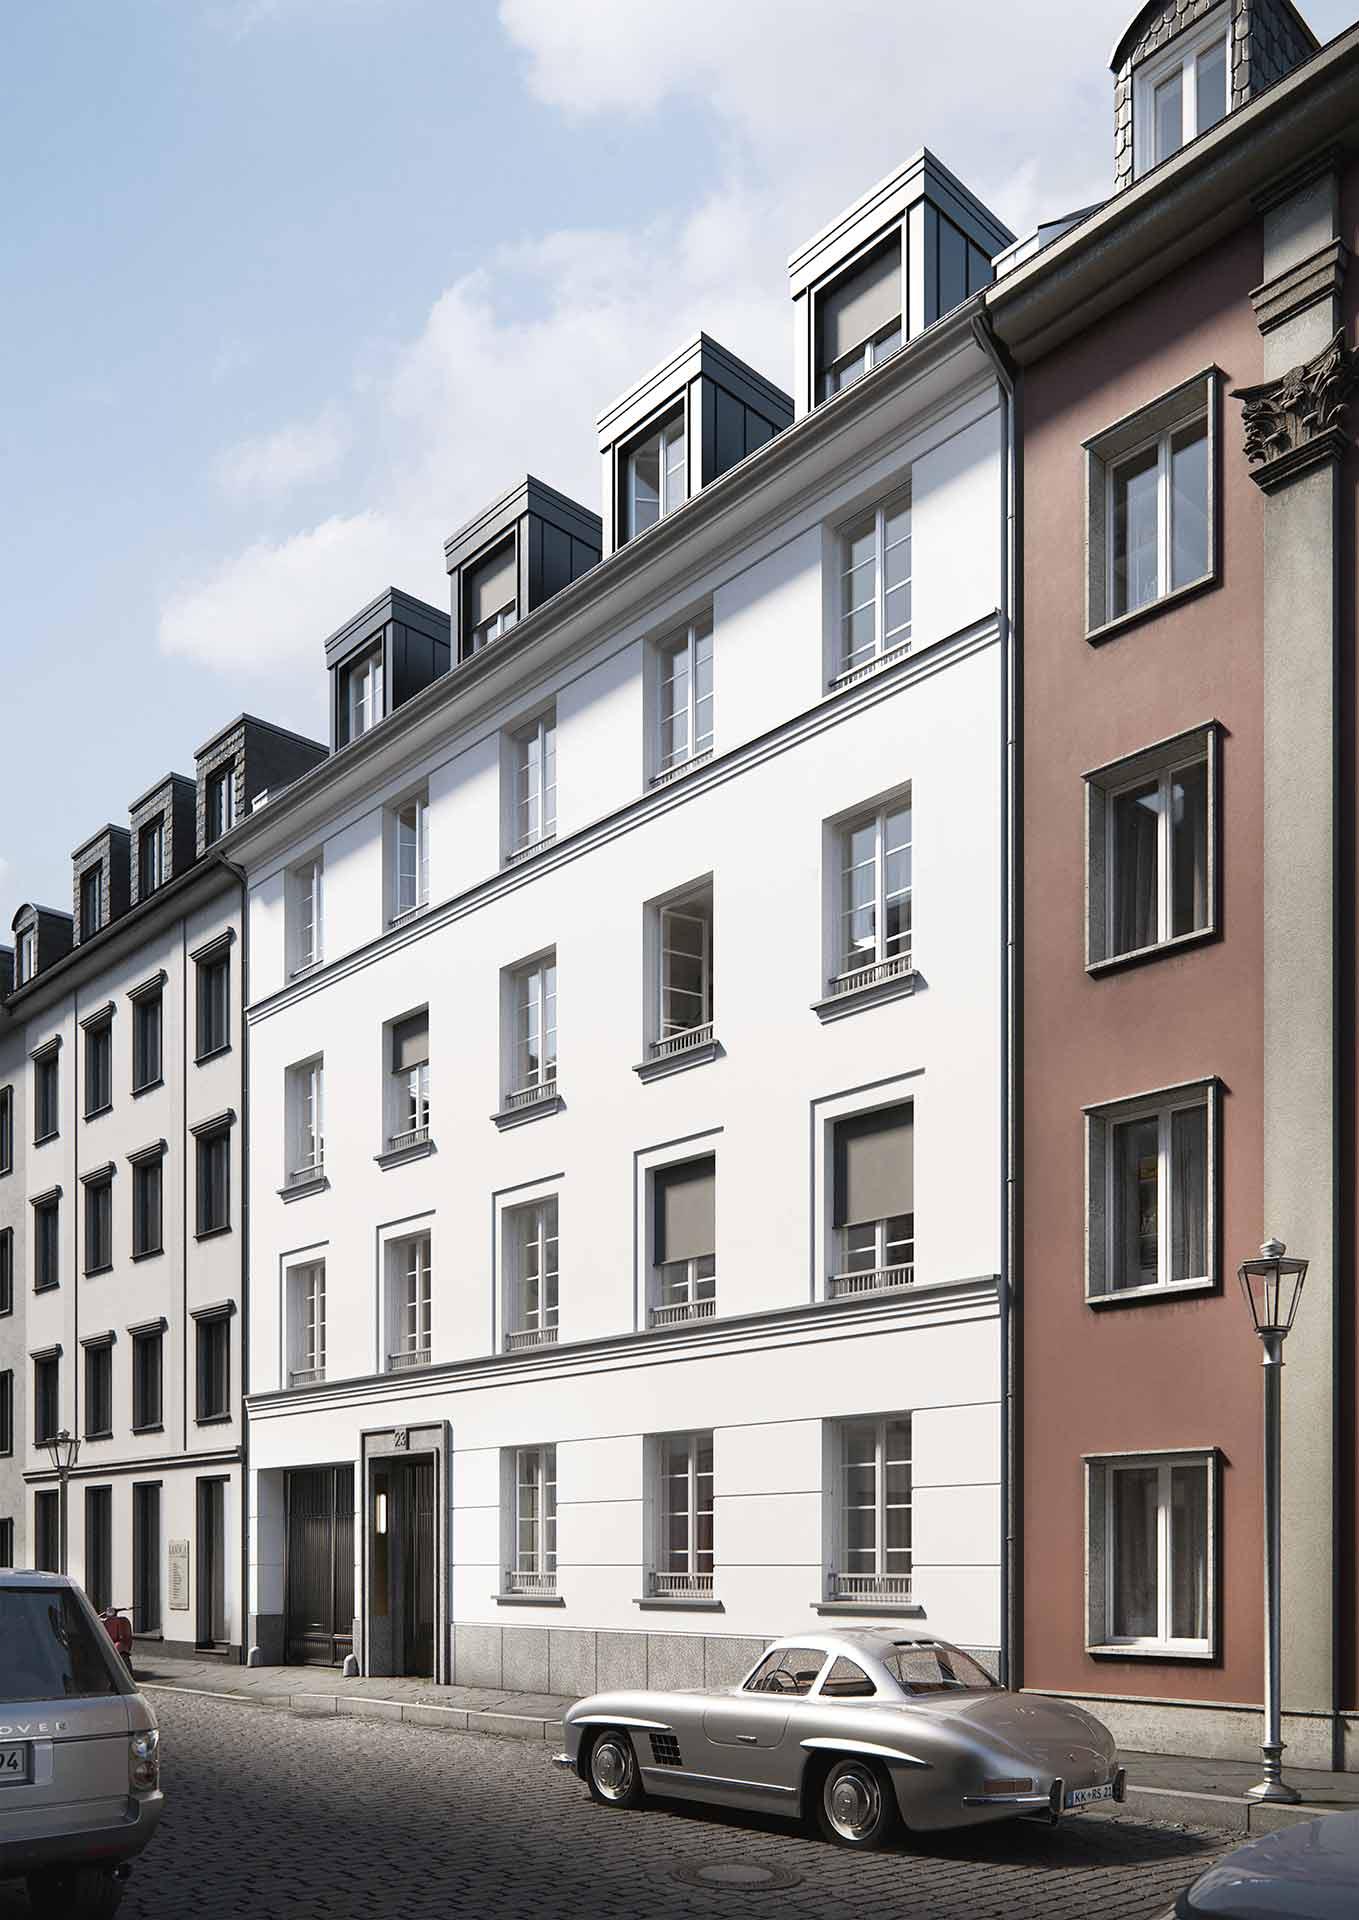 Dusseldorf Carlstadt The Theodor Strassenhaus Frontfassade